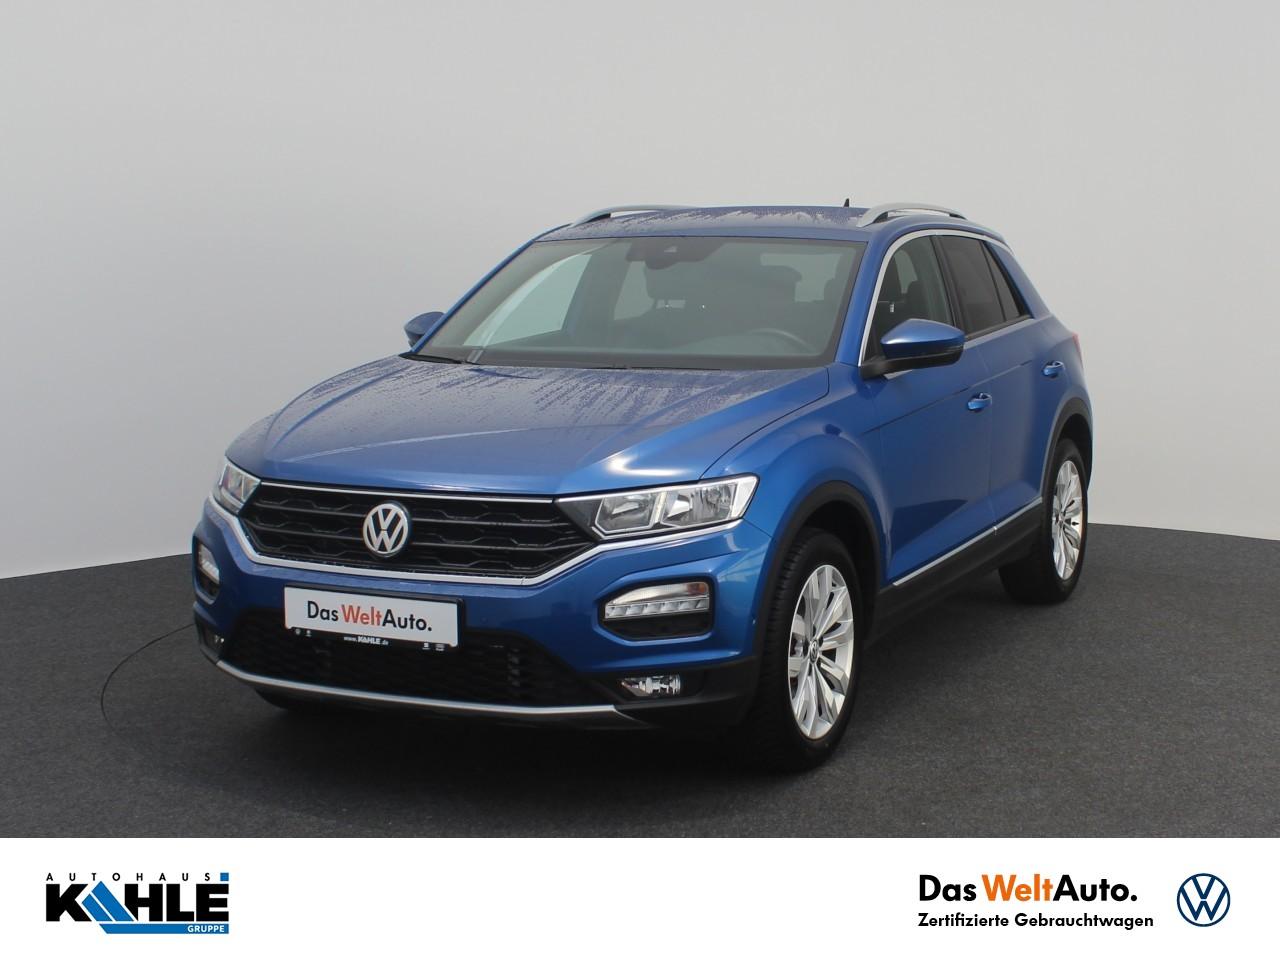 Volkswagen T-Roc 1.5 TSI Sport Navi Klima Dachreling ACC, Jahr 2020, Benzin